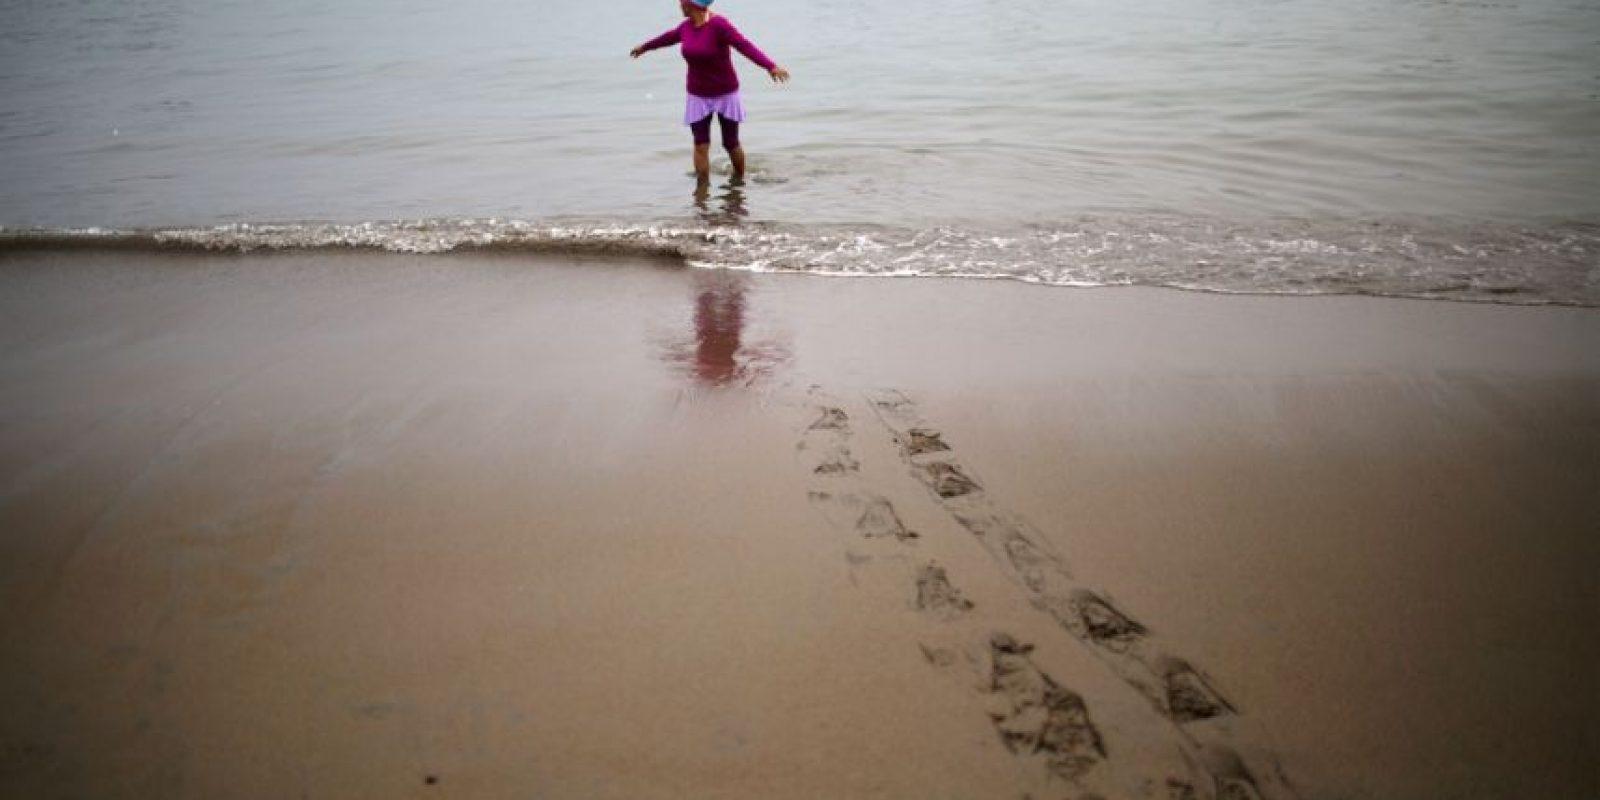 """En esta imagen, tomada el 9 de abril de 2015, Rosa Esquibel, de 50 años, entra al océano Pacífico en la playa Pescadores en Lima, Perú. Bajo el cielo nublado, los bañostas practican talasoterapia, que deriva del griego """"thalasso""""(""""mar"""") y se sumergen en las aguas del océano, con propiedades curativas. Foto:AP/ Rodrigo Abd"""